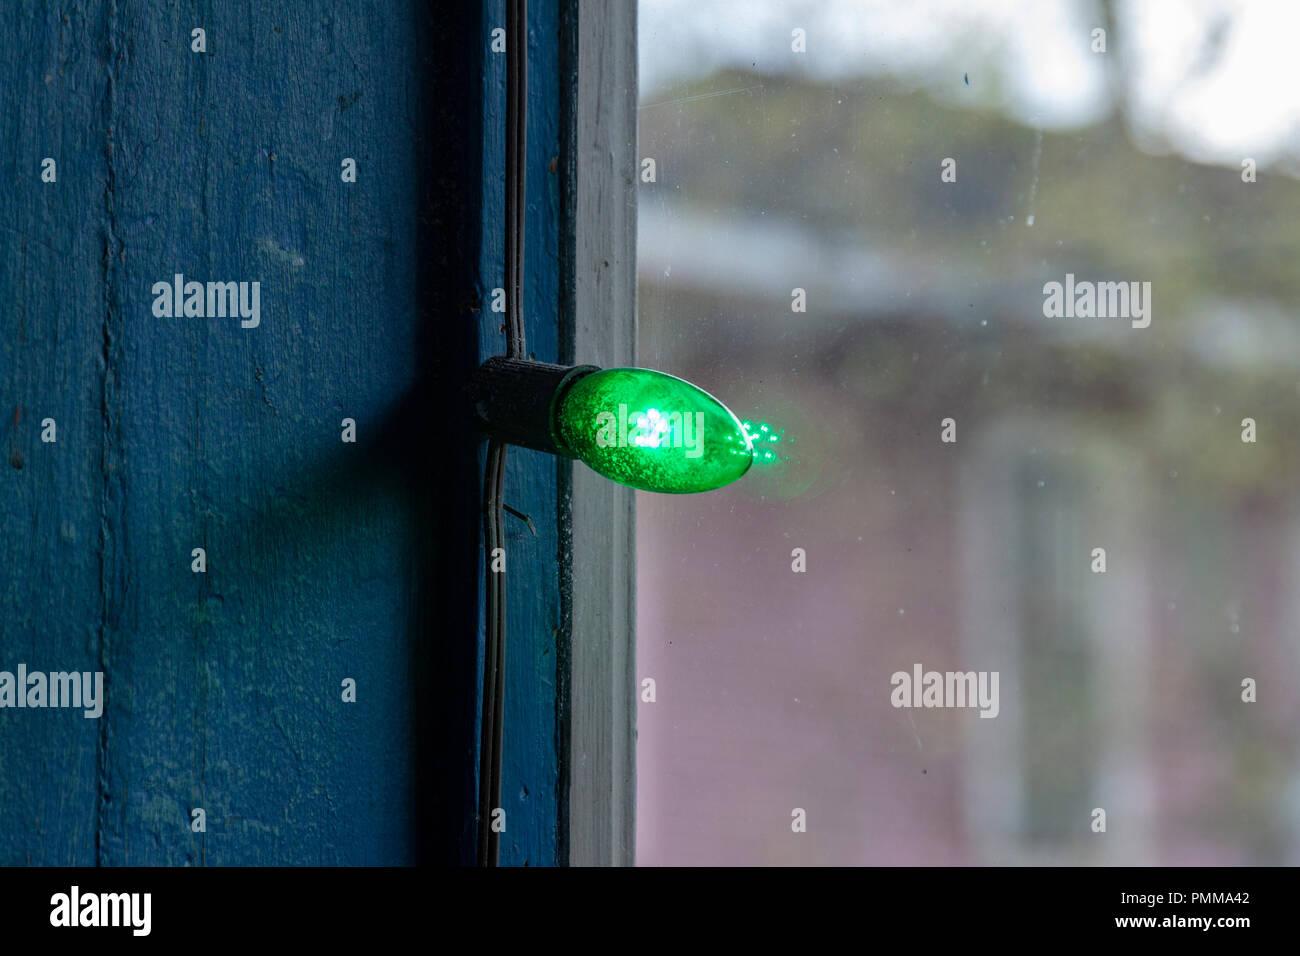 Feu vert décoration dans une fenêtre, près de défilé de la Saint-Patrick sur Magazine Street, à la Nouvelle-Orléans, Louisiane Banque D'Images